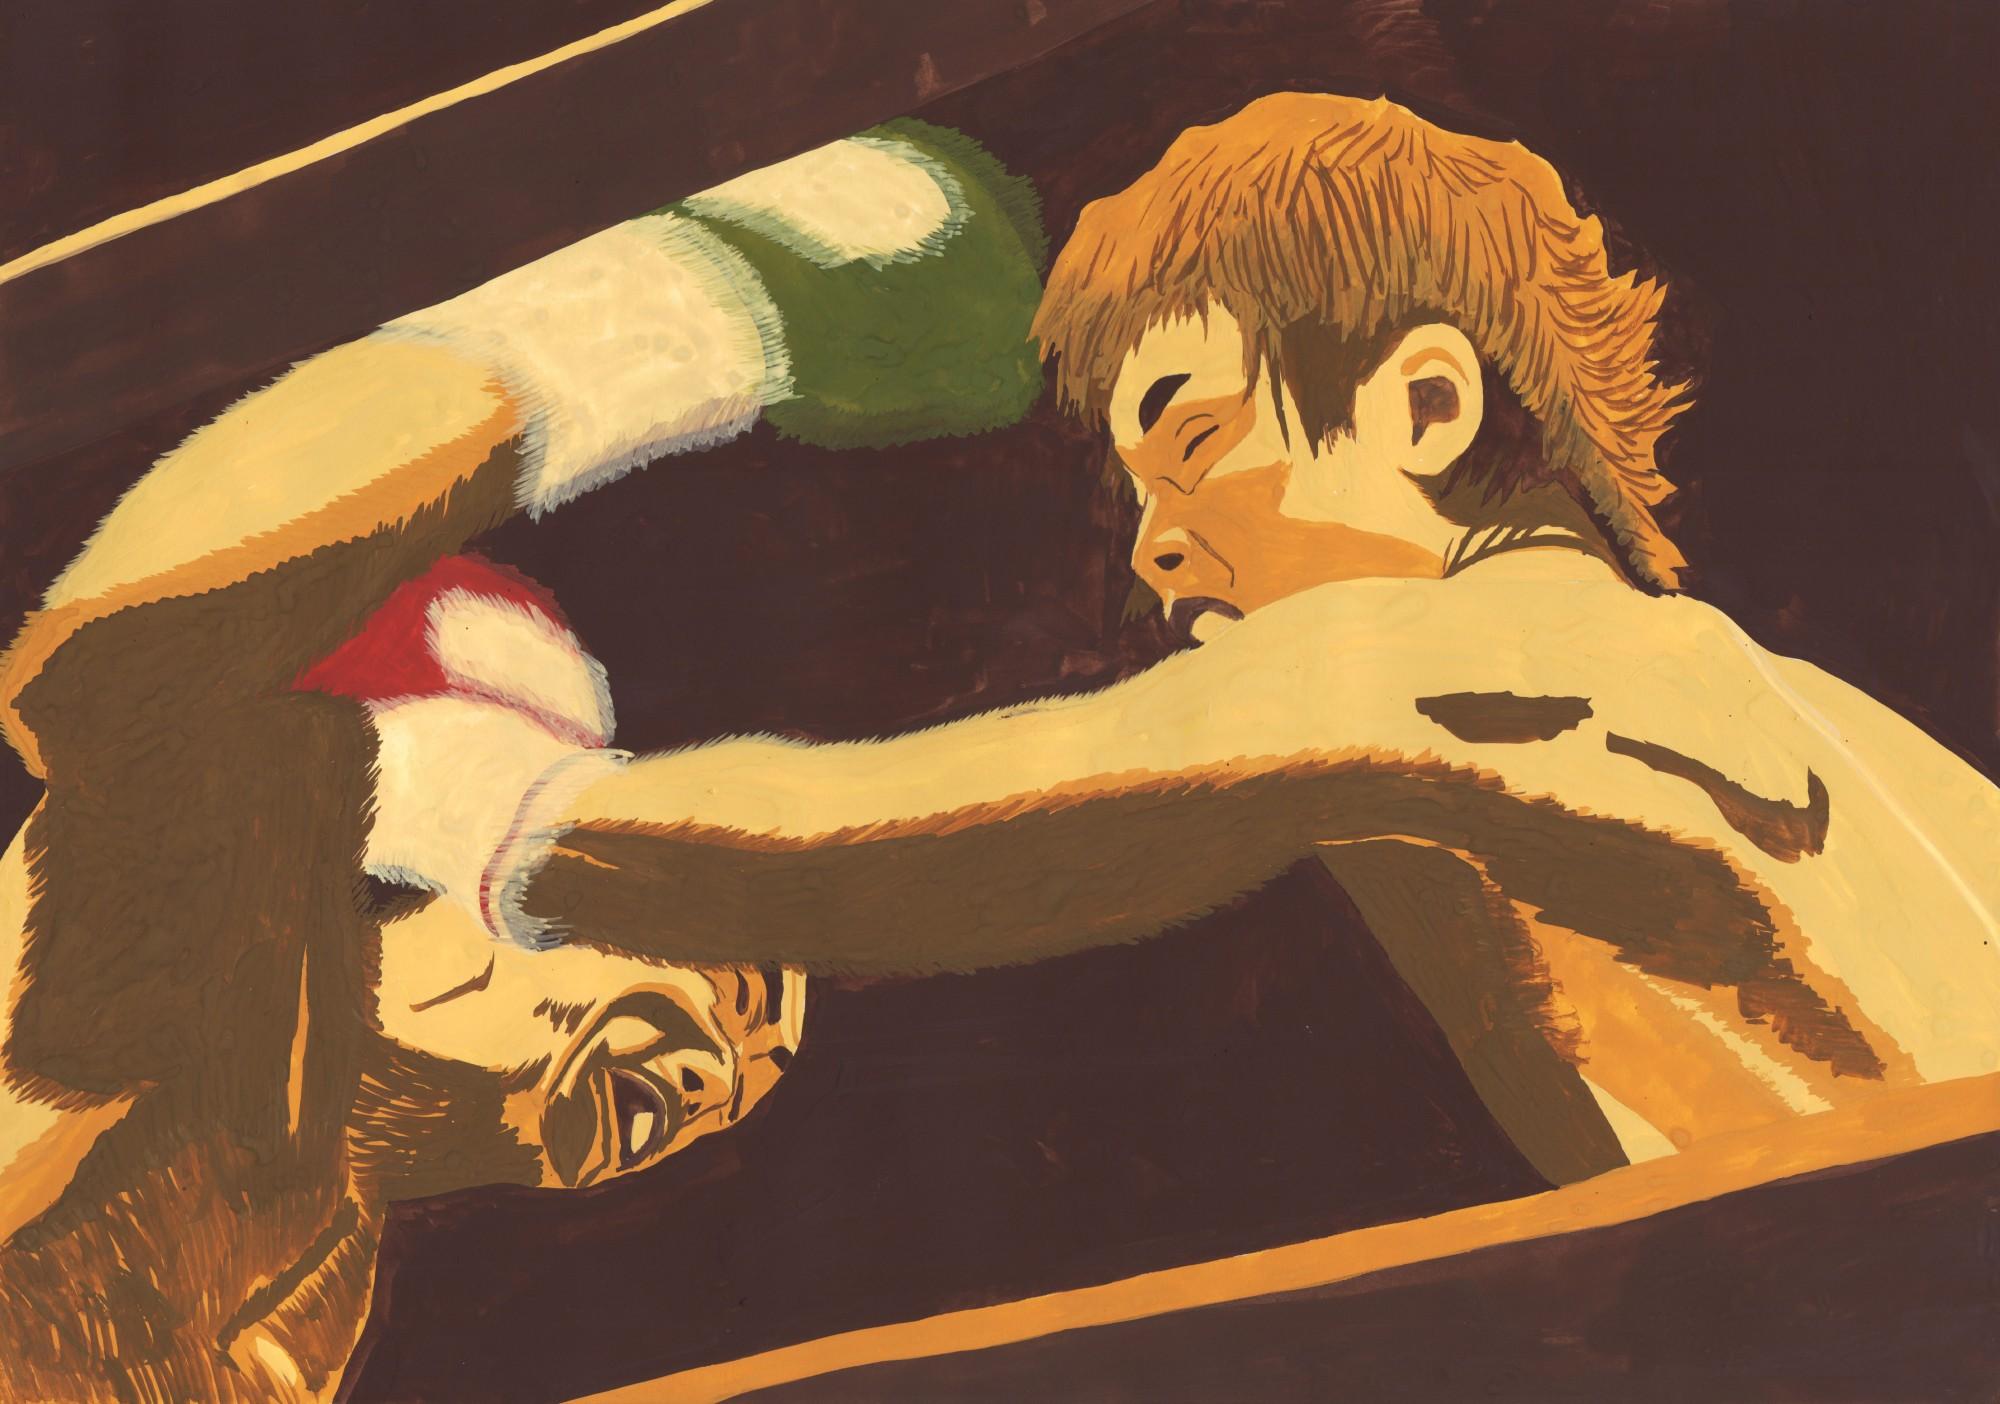 イラスト「躍動(田部井要選手世界チャンピオンへの軌跡1)」